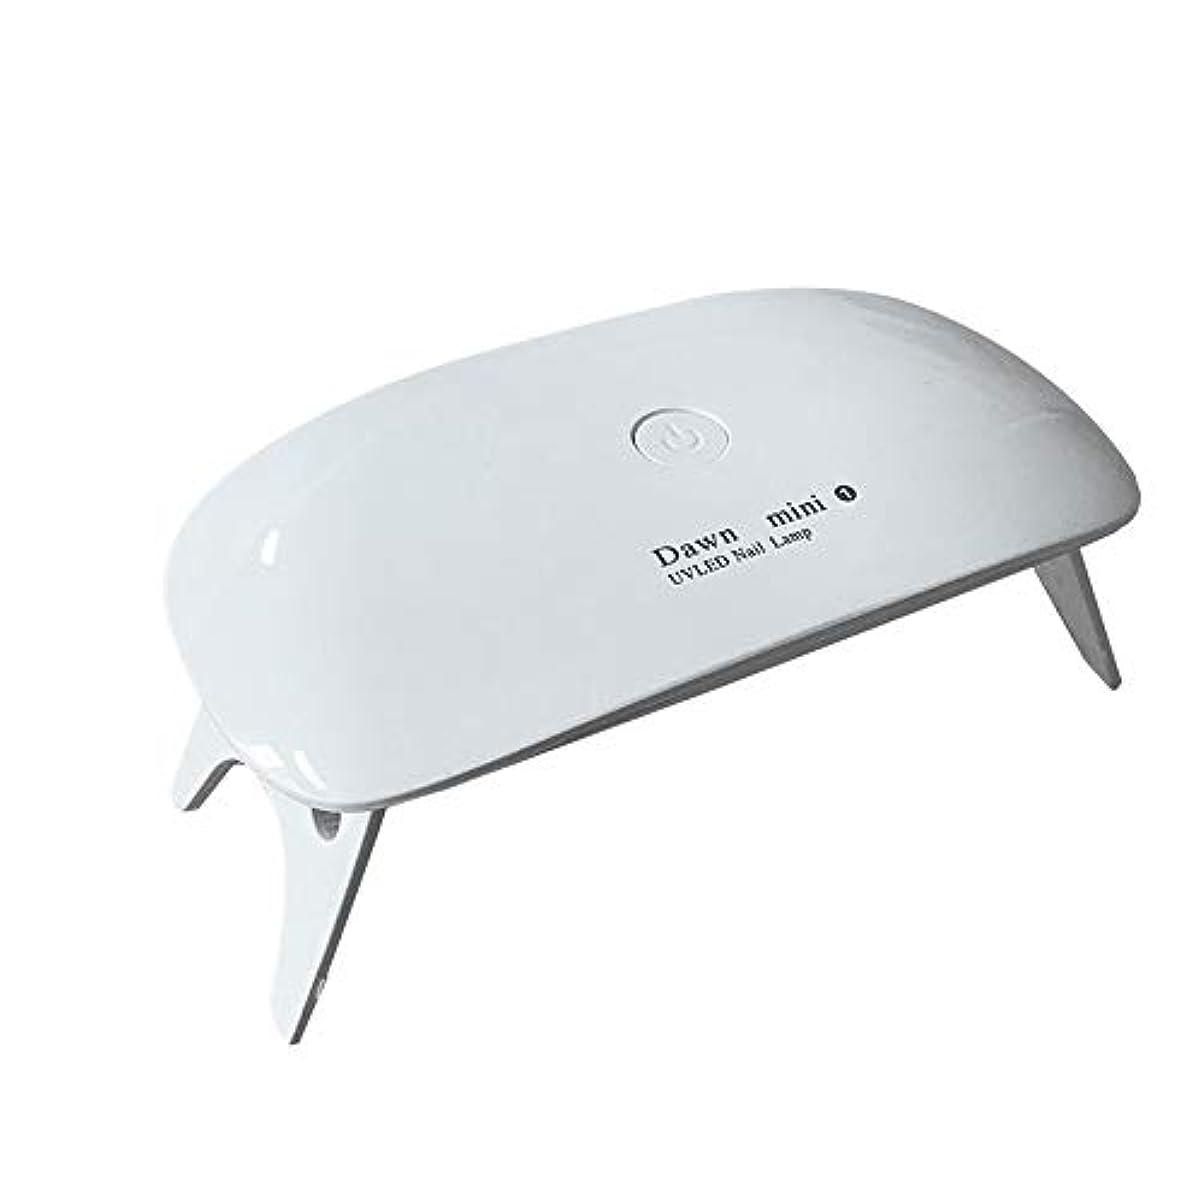 メロディー混雑クラッチSunnFx UVライト LEDネイルドライヤー レジン用 硬化ライト タイマー設定可能 手足とも使える UV と LEDダブルライト ジェルネイル と レジンクラフト用 コンパクト 可愛い 折りたたみ式 携帯型 (ホワイト)